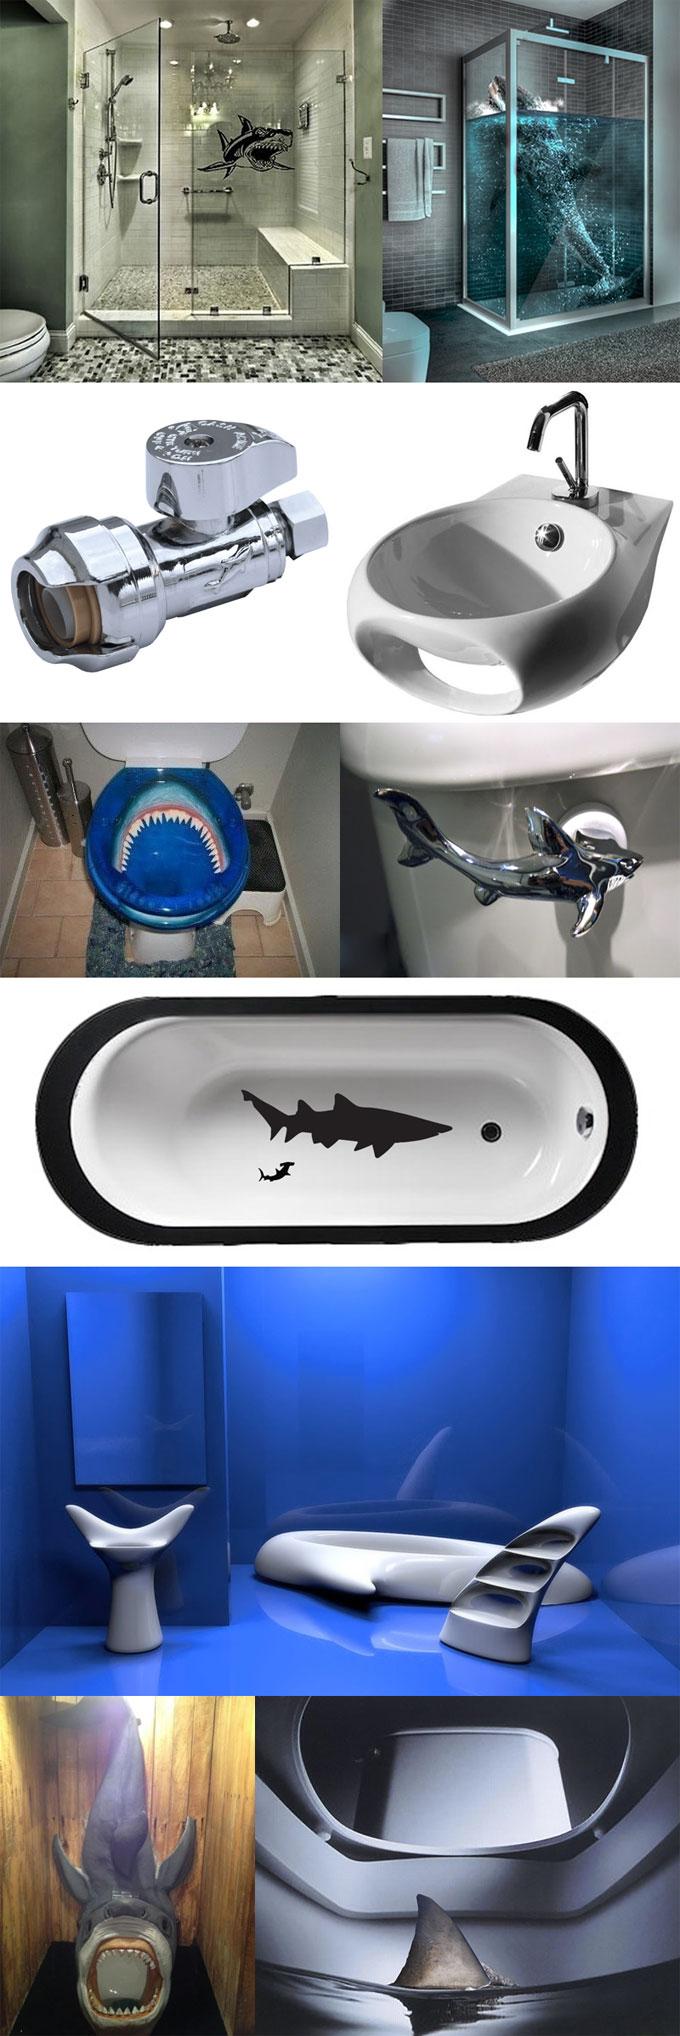 Фотографии сантехники и санузла Shark